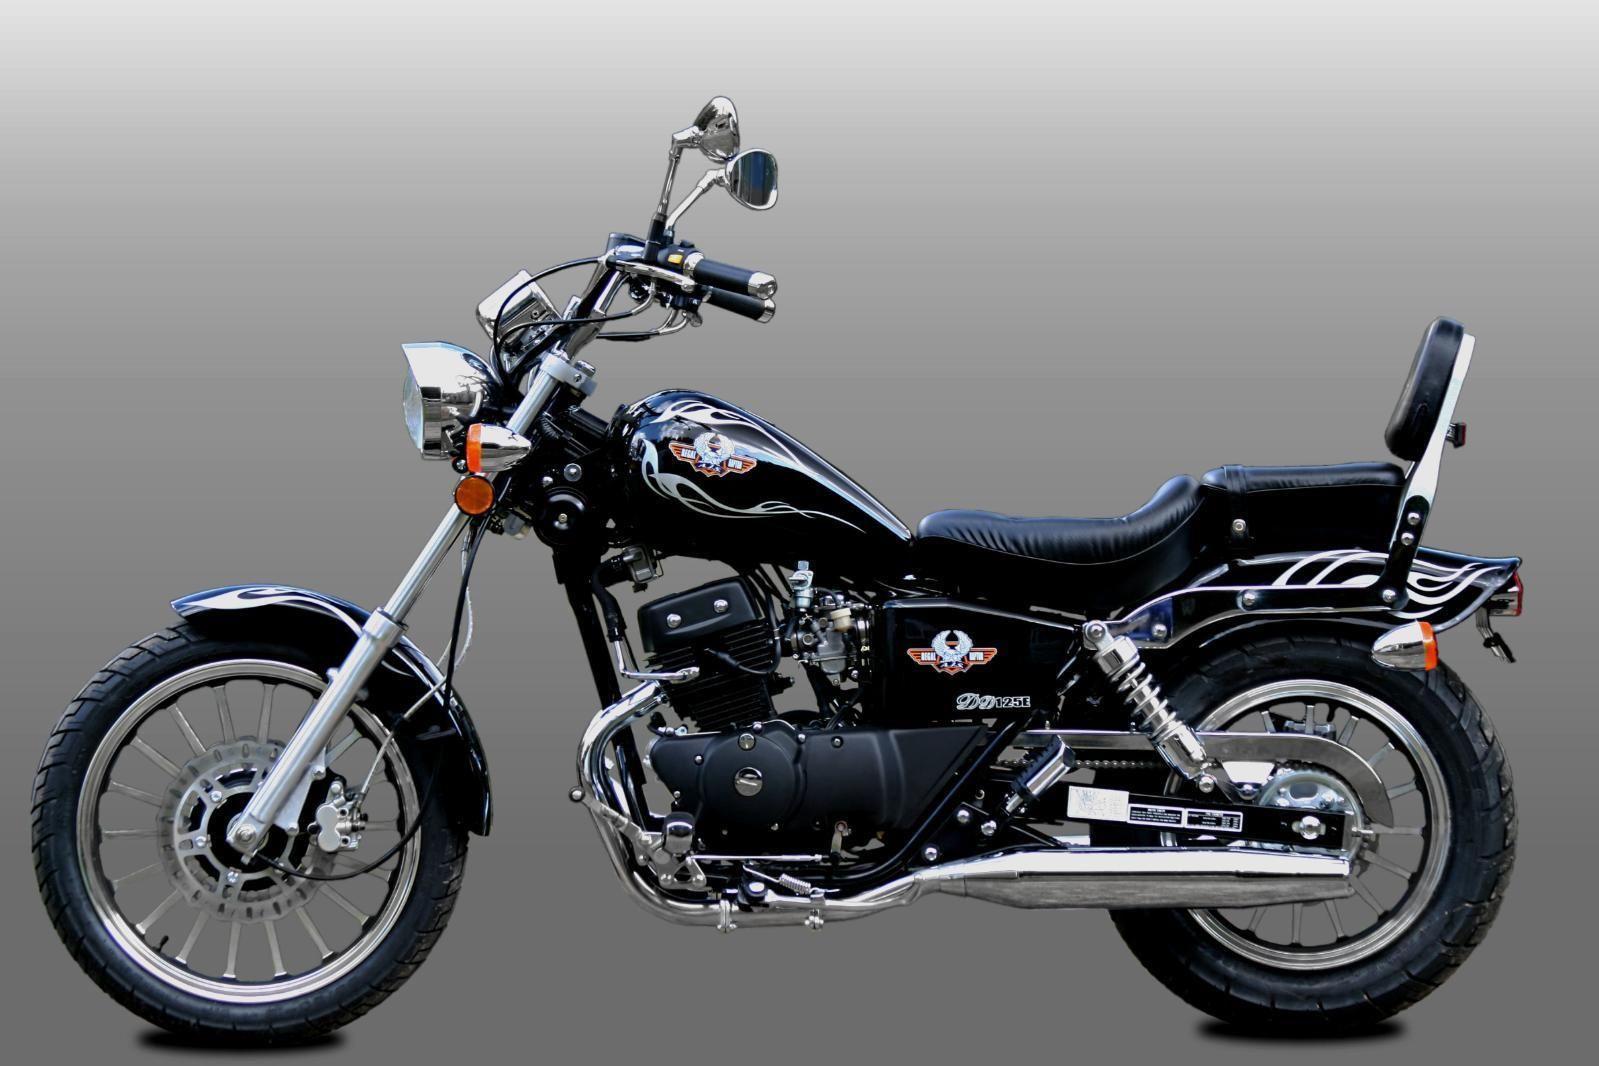 ajs regal raptor dd125 e mk3 custom cruiser motorcycle 125cc learner legal bike. Black Bedroom Furniture Sets. Home Design Ideas